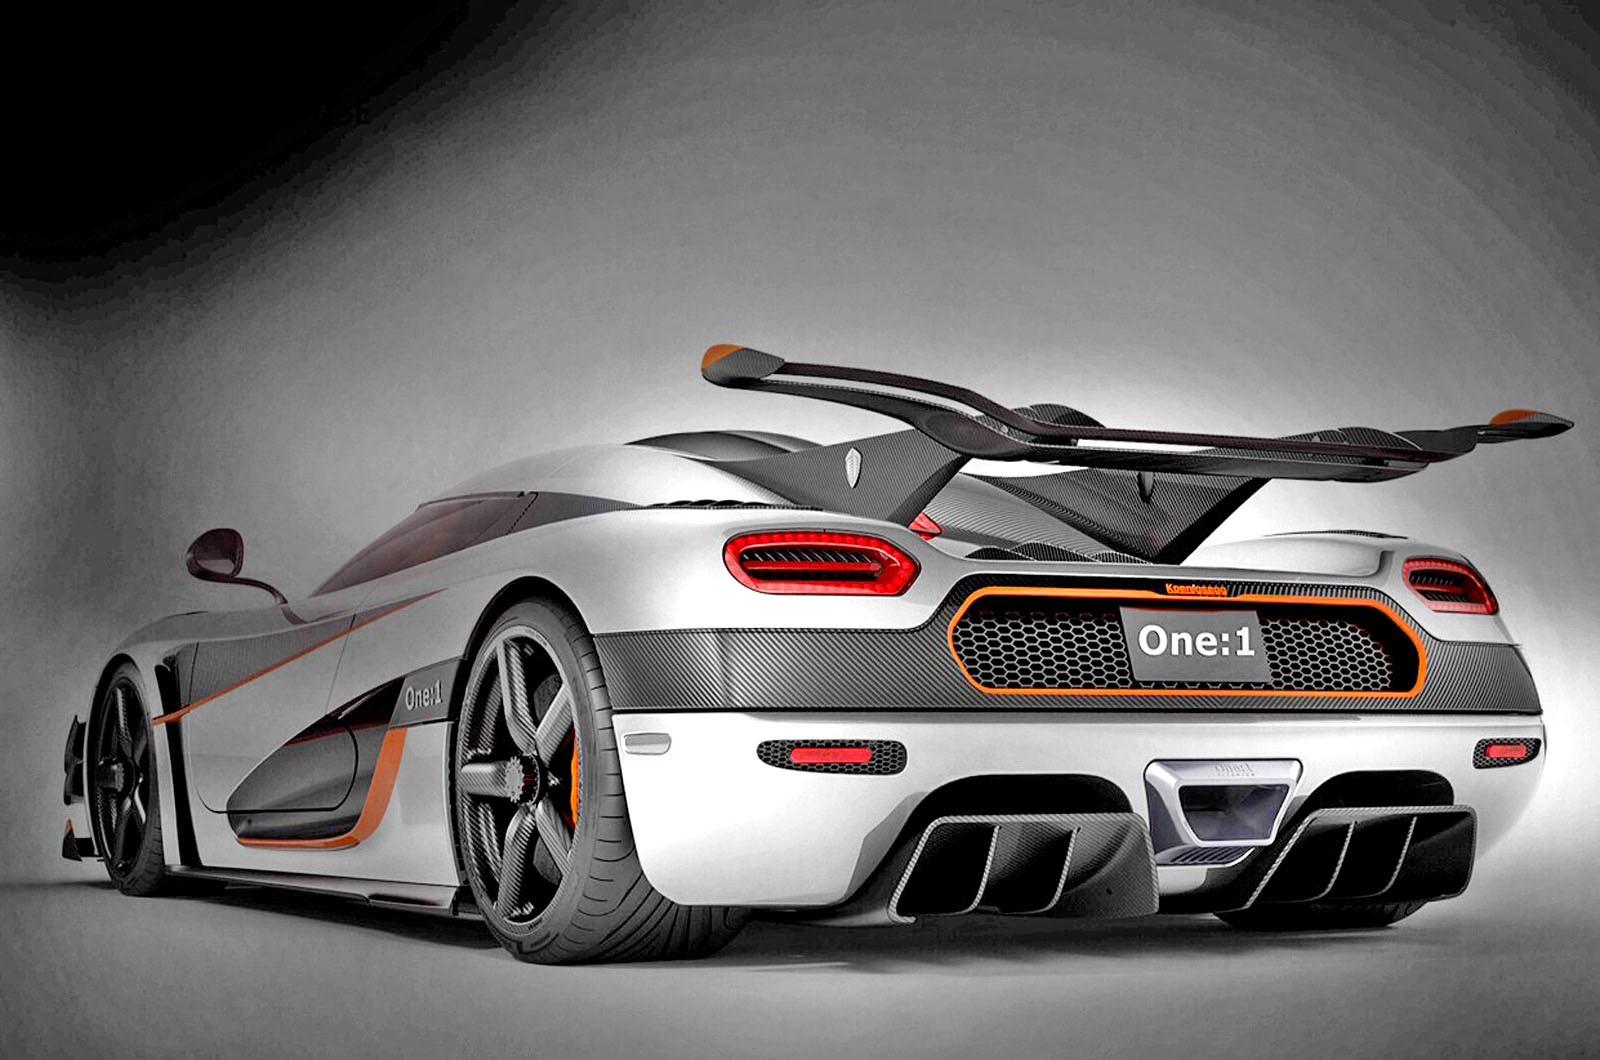 1340-сильный Koenigsegg One:1 собирается обогнать Bugatti